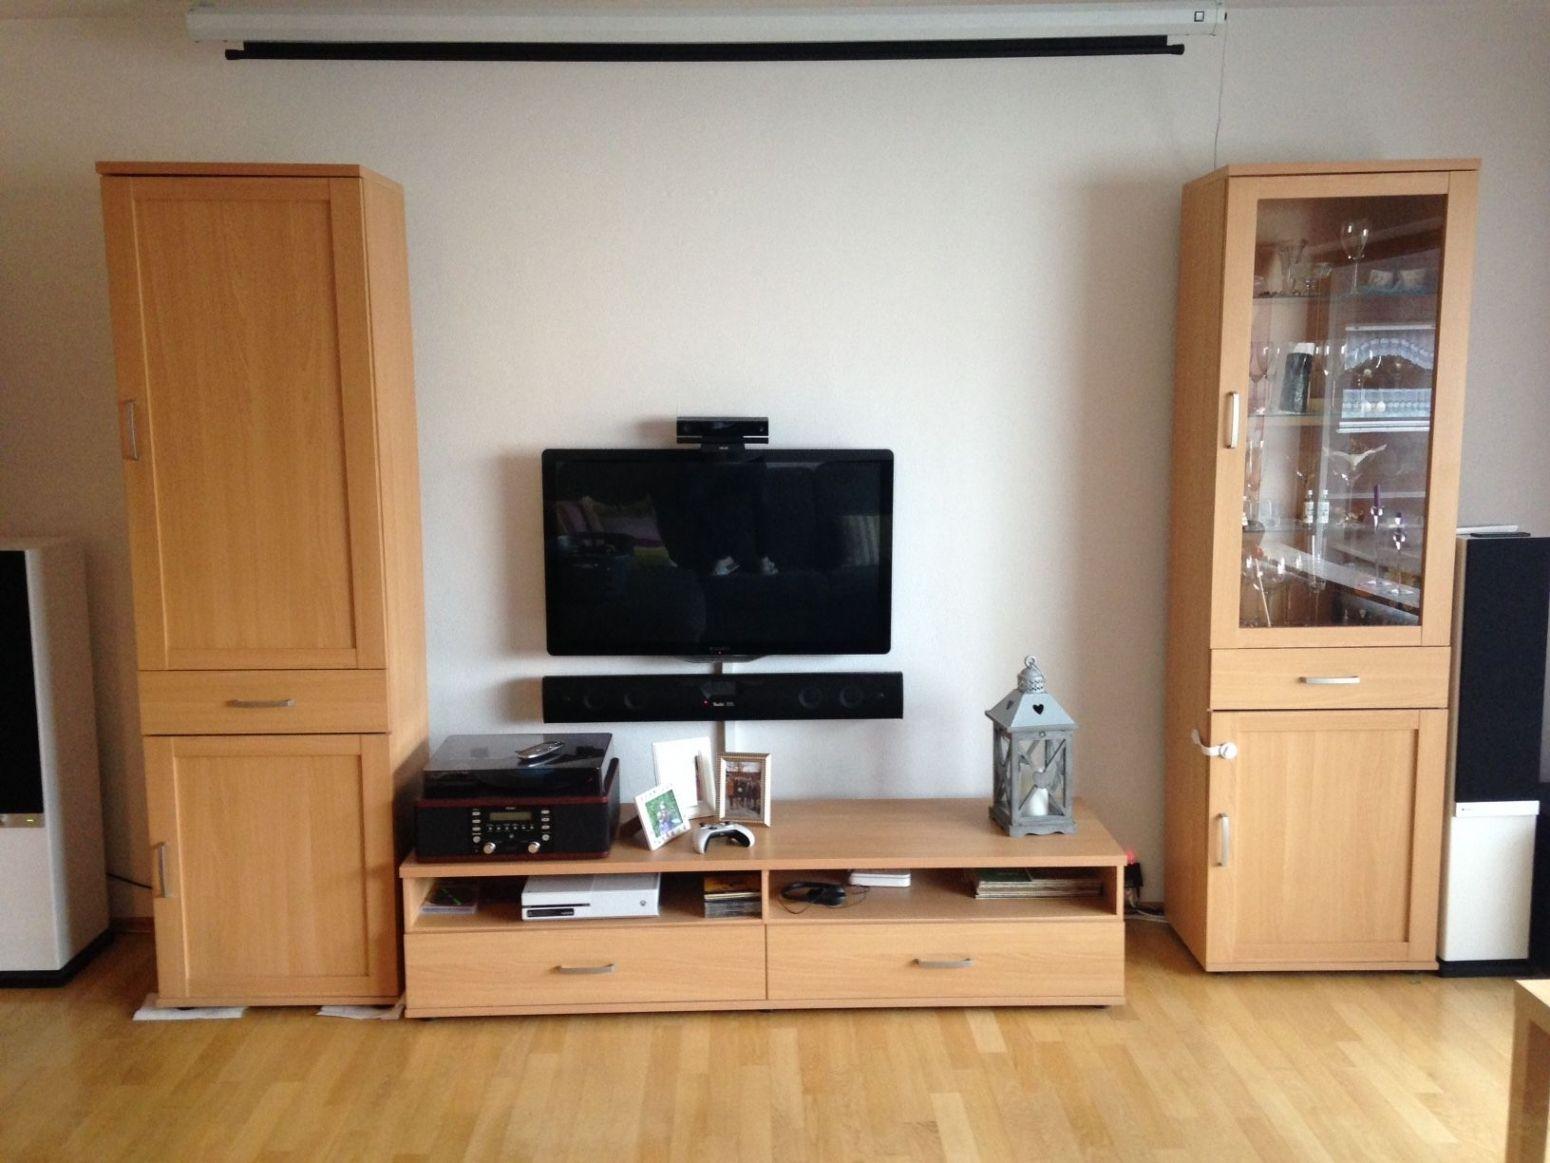 Wohnzimmermöbel Massiv ~ Lovely wohnzimmermöbel grau wohnzimmermöbel